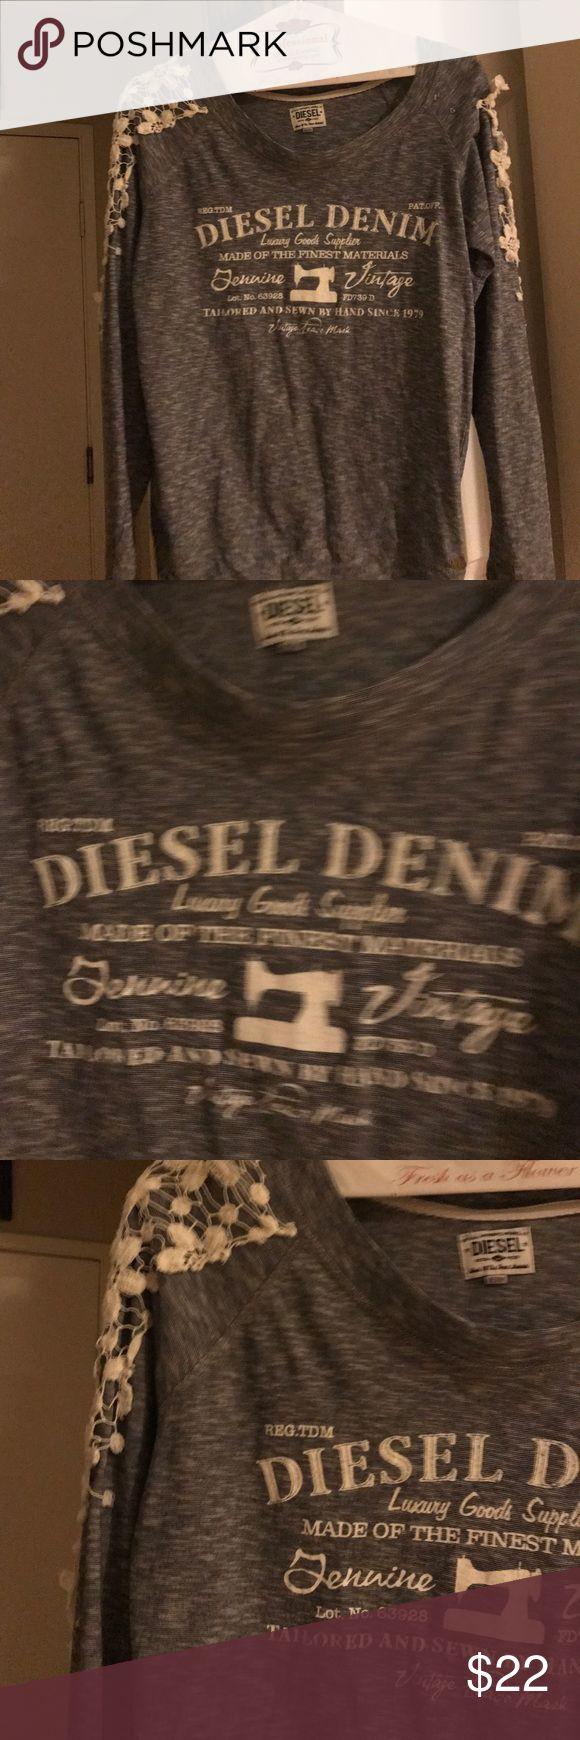 Diesel denim shirt Casual everyday wear - cute fit and so stylish Diesel Tops Tees - Long Sleeve